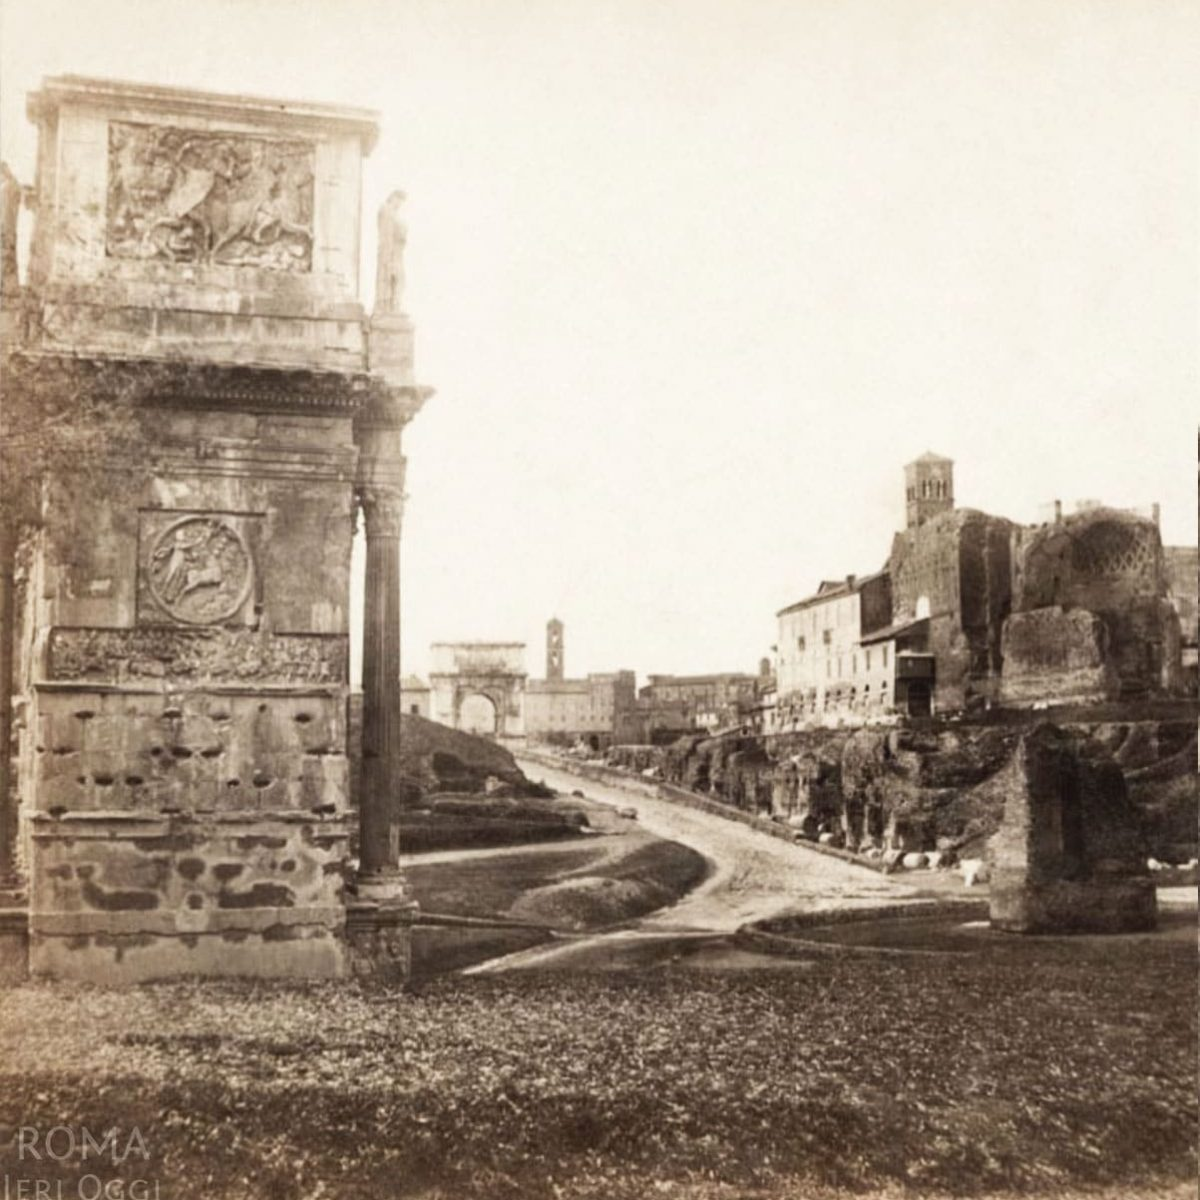 Piazza del Colosseo - Arco di Costantino e Meta Sudans